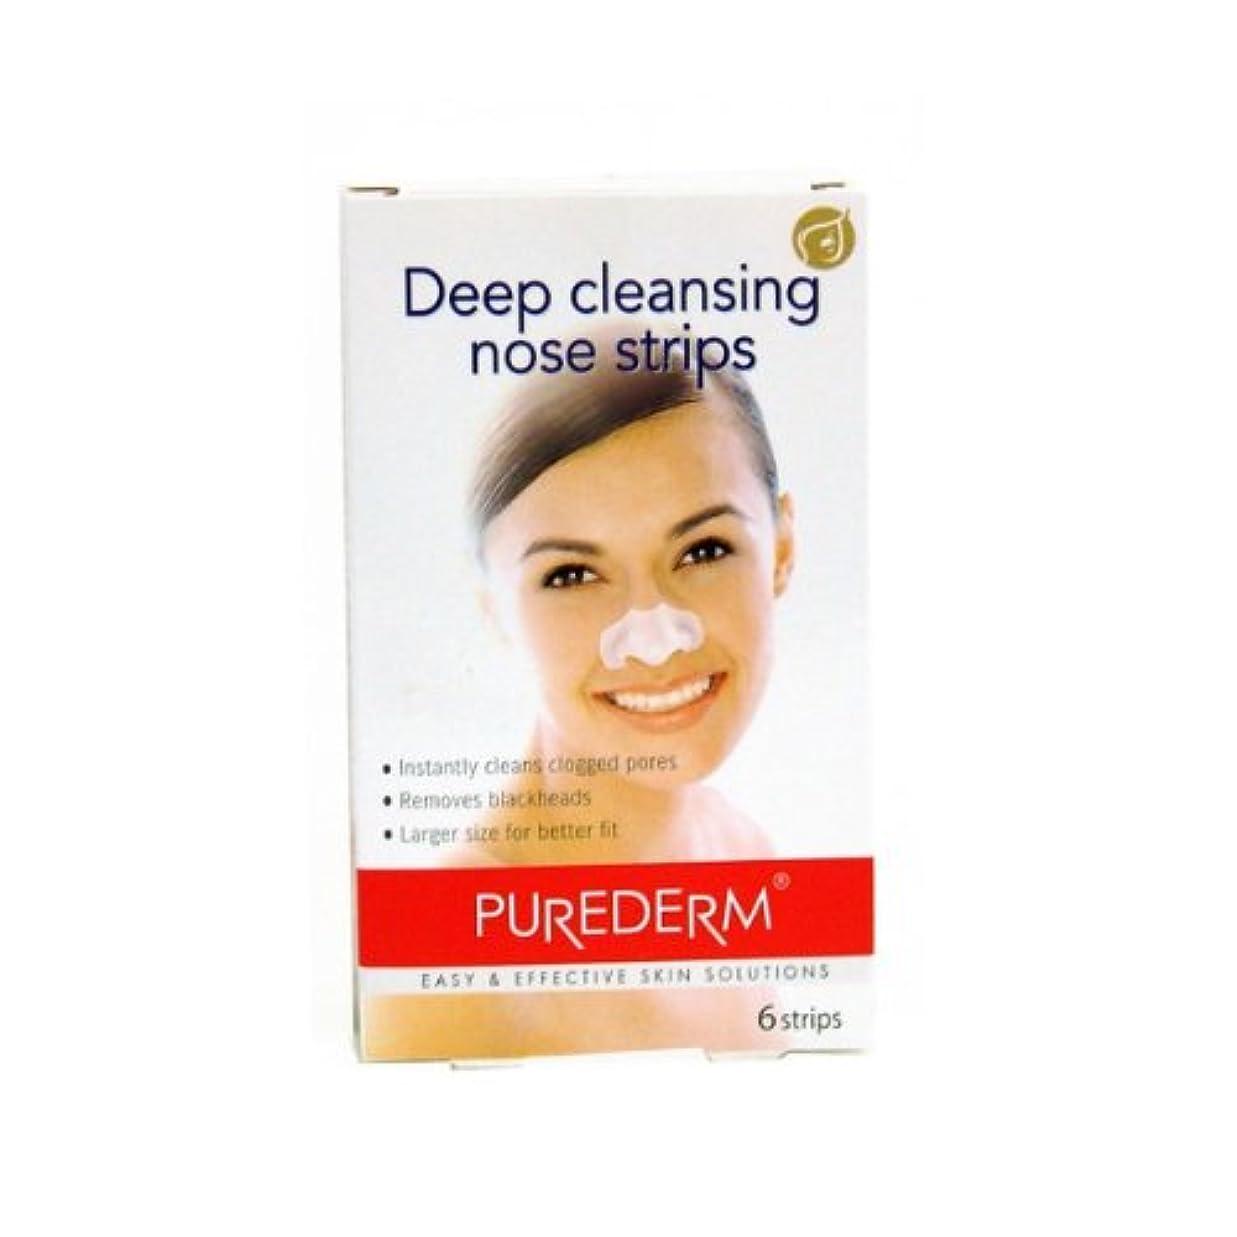 理論貧困たまにPurederm Deep Cleansing Nose Strips X 6 [並行輸入品]